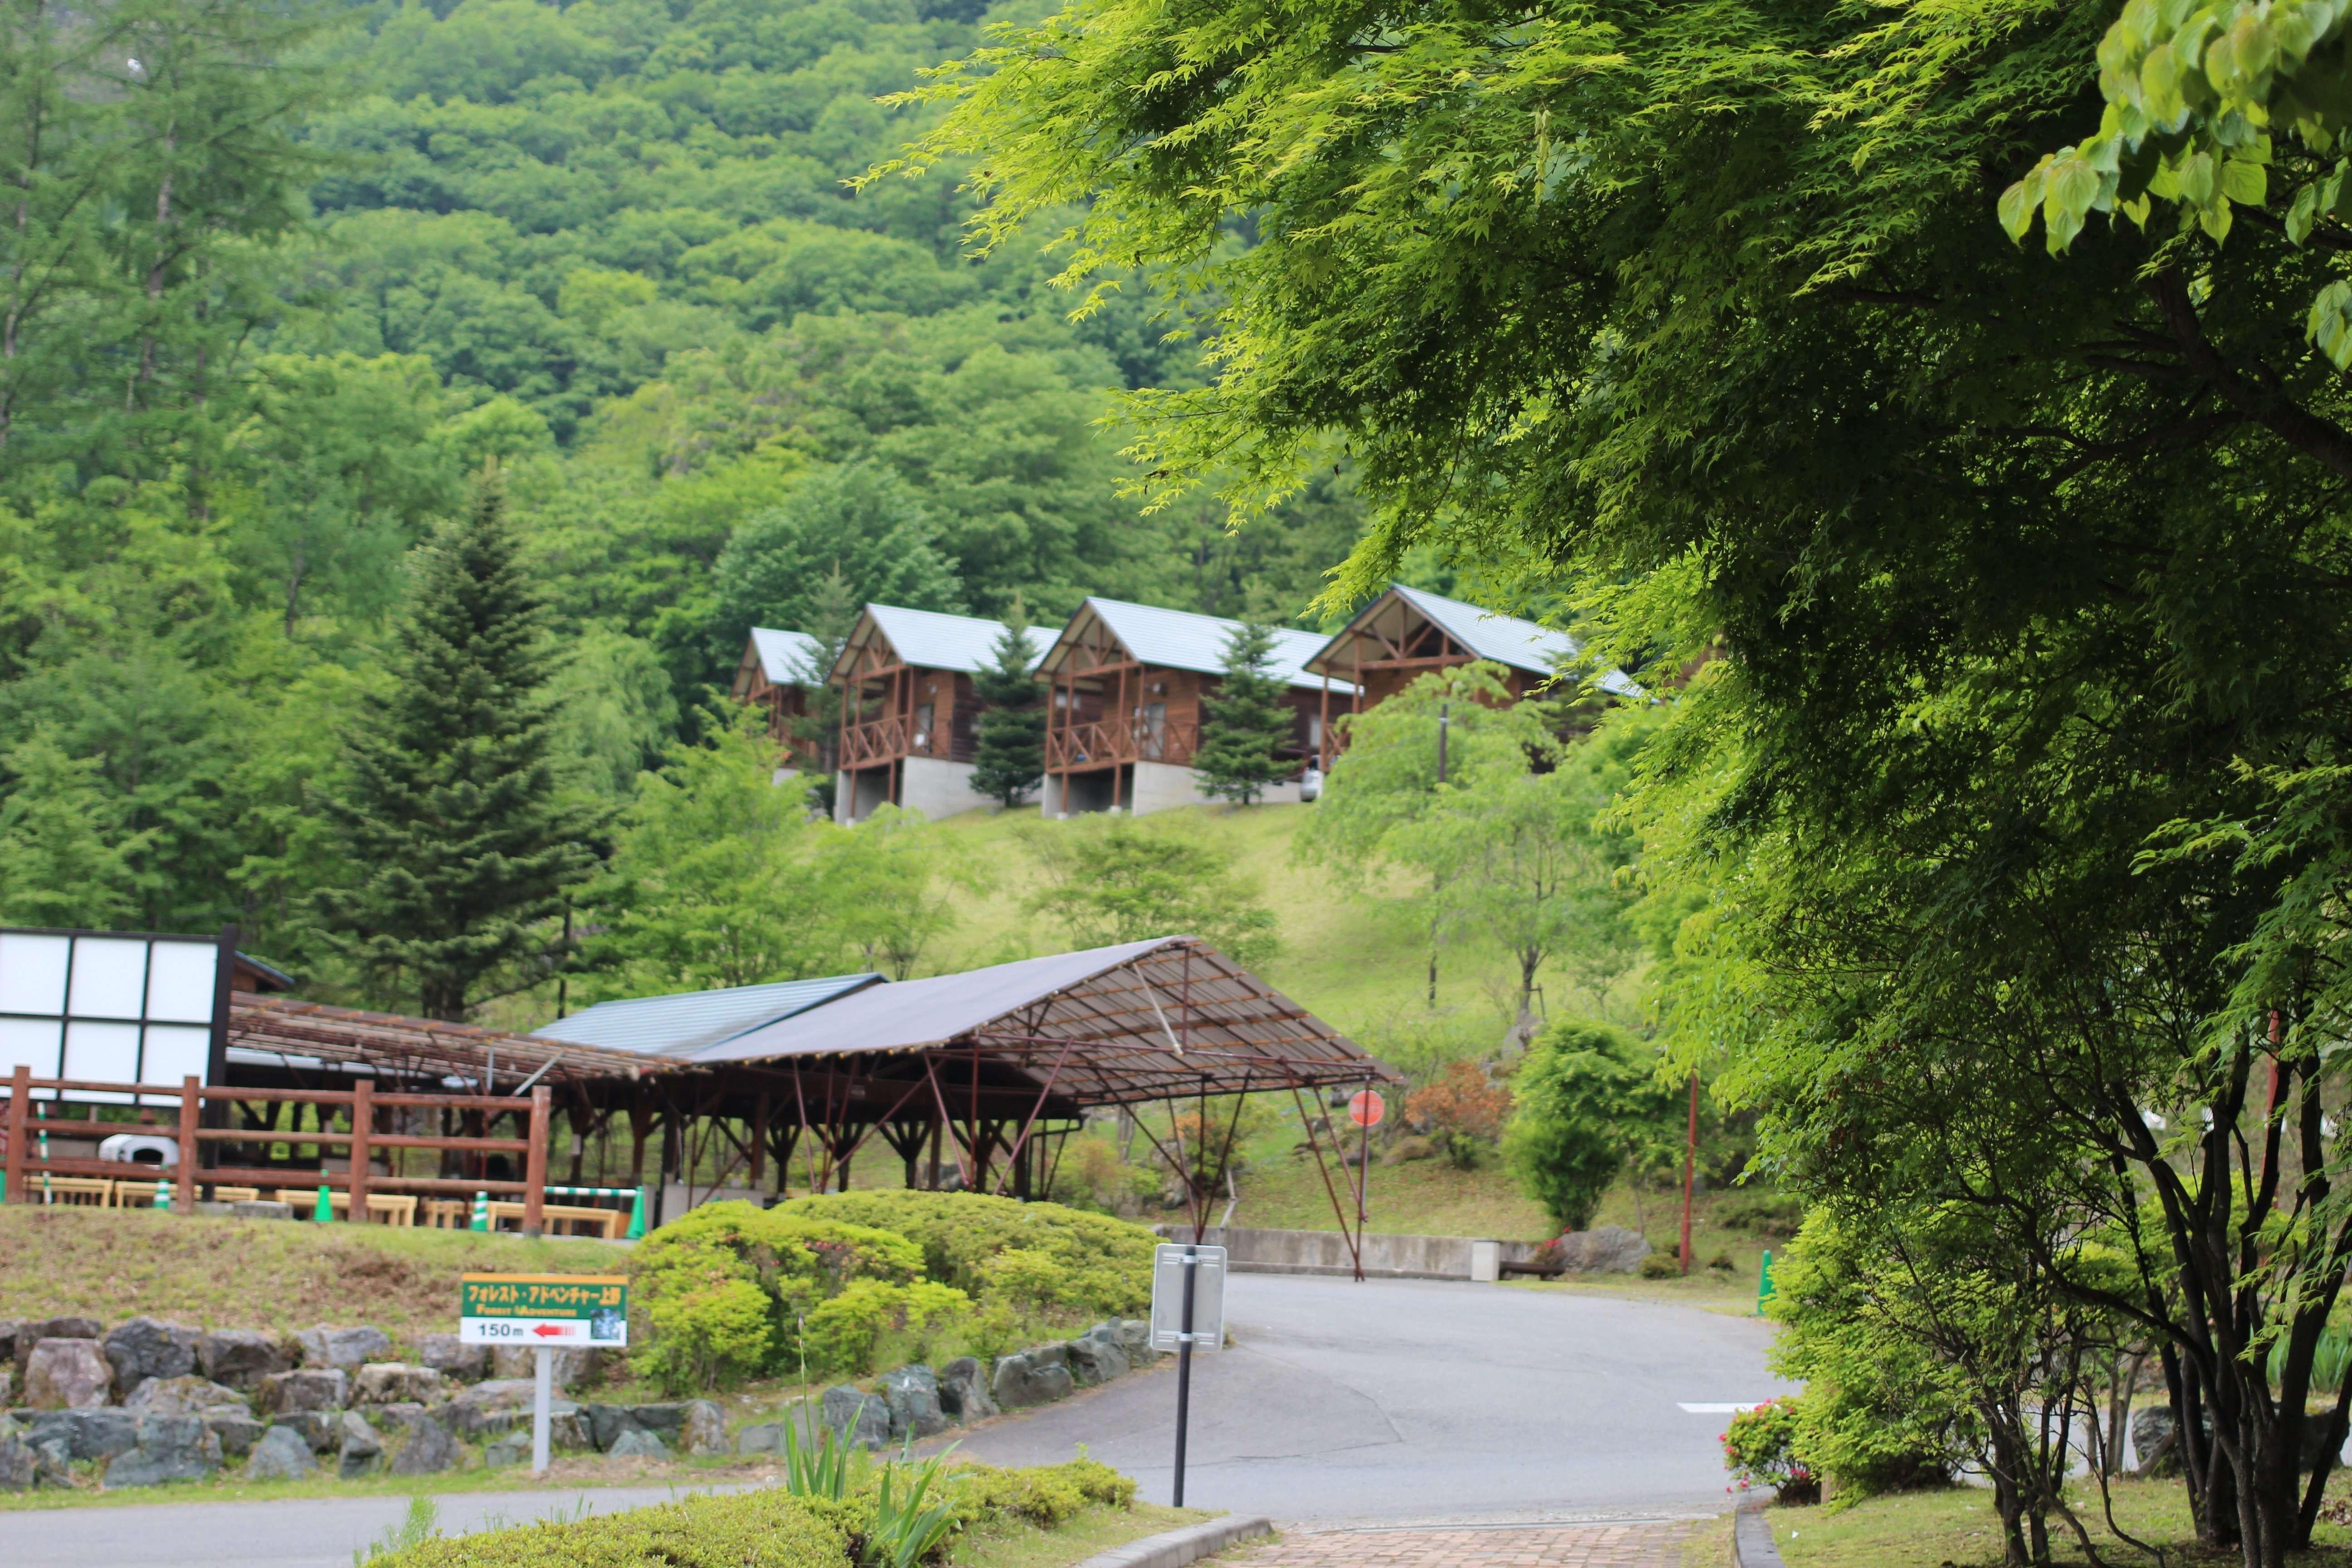 Cabins at mahoba no mori, Ueno Village, Tano District, Gunma